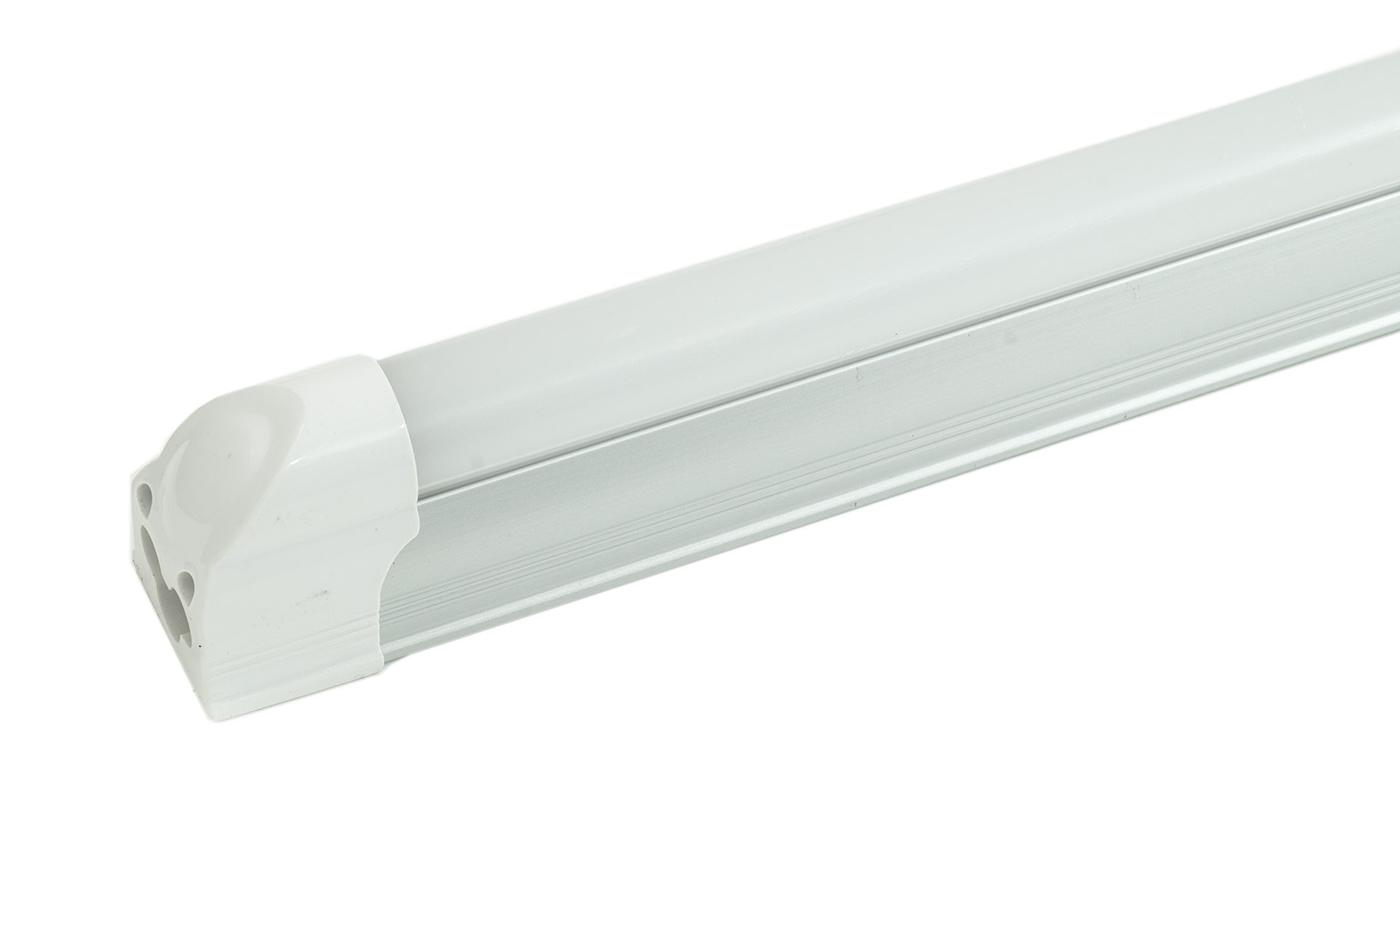 Plafoniera Neon 120 Cm Prezzo : Bes plafoniere beselettronica neon led plafoniera t